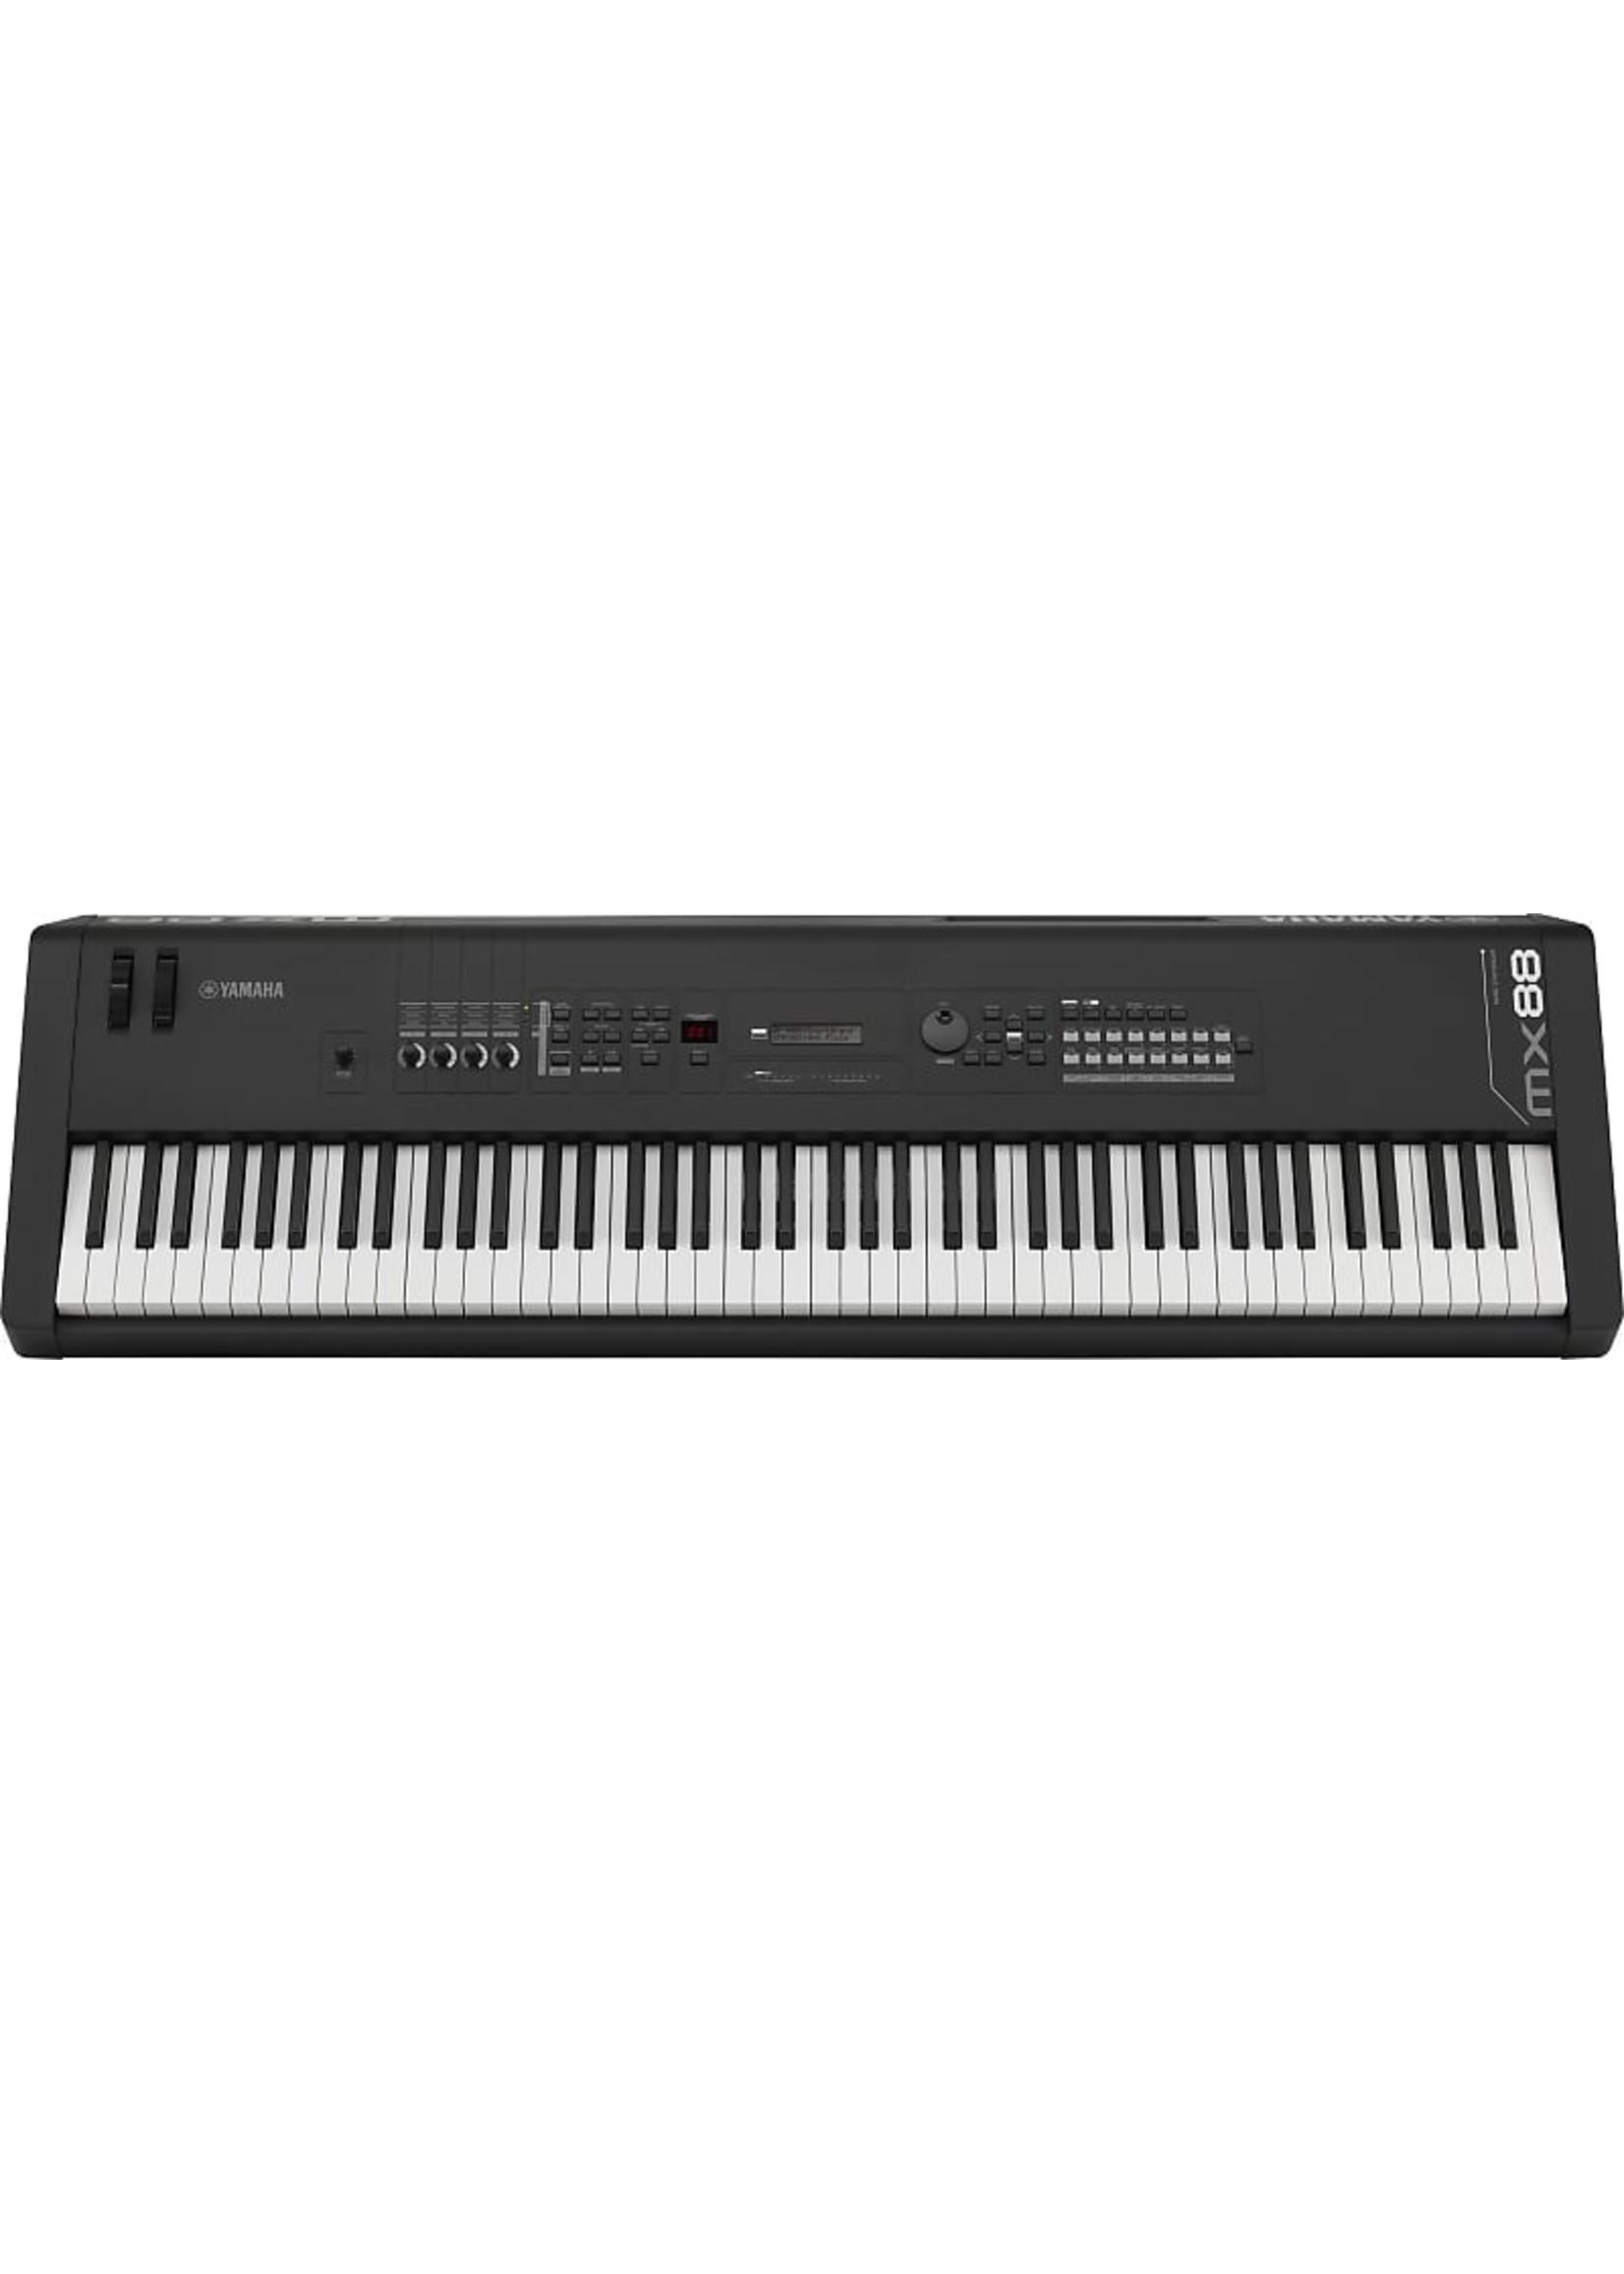 Yamaha Yamaha MX88 88-key Weighted Action Music Synthesizer